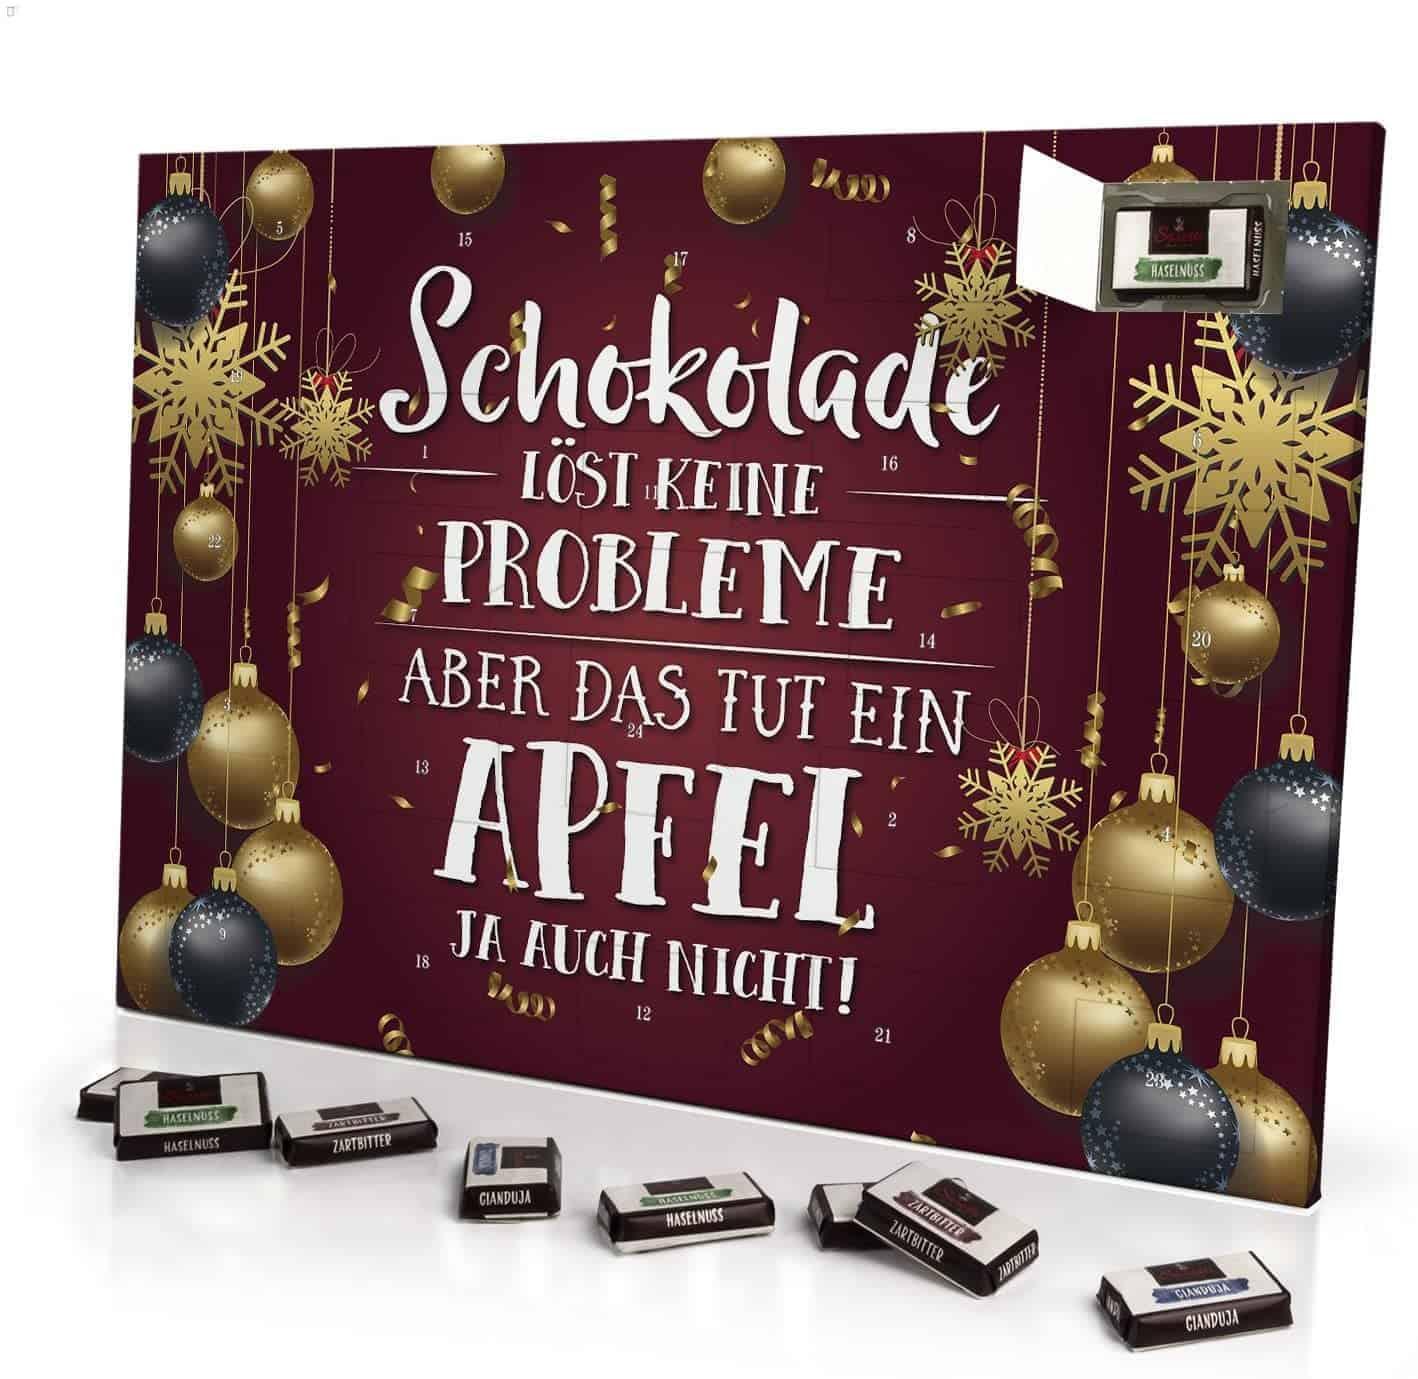 Adventskalender Schokolade Löst Keine Probleme Aber Das TUT EIN Apfel ja auch Nicht - mit Schokolade